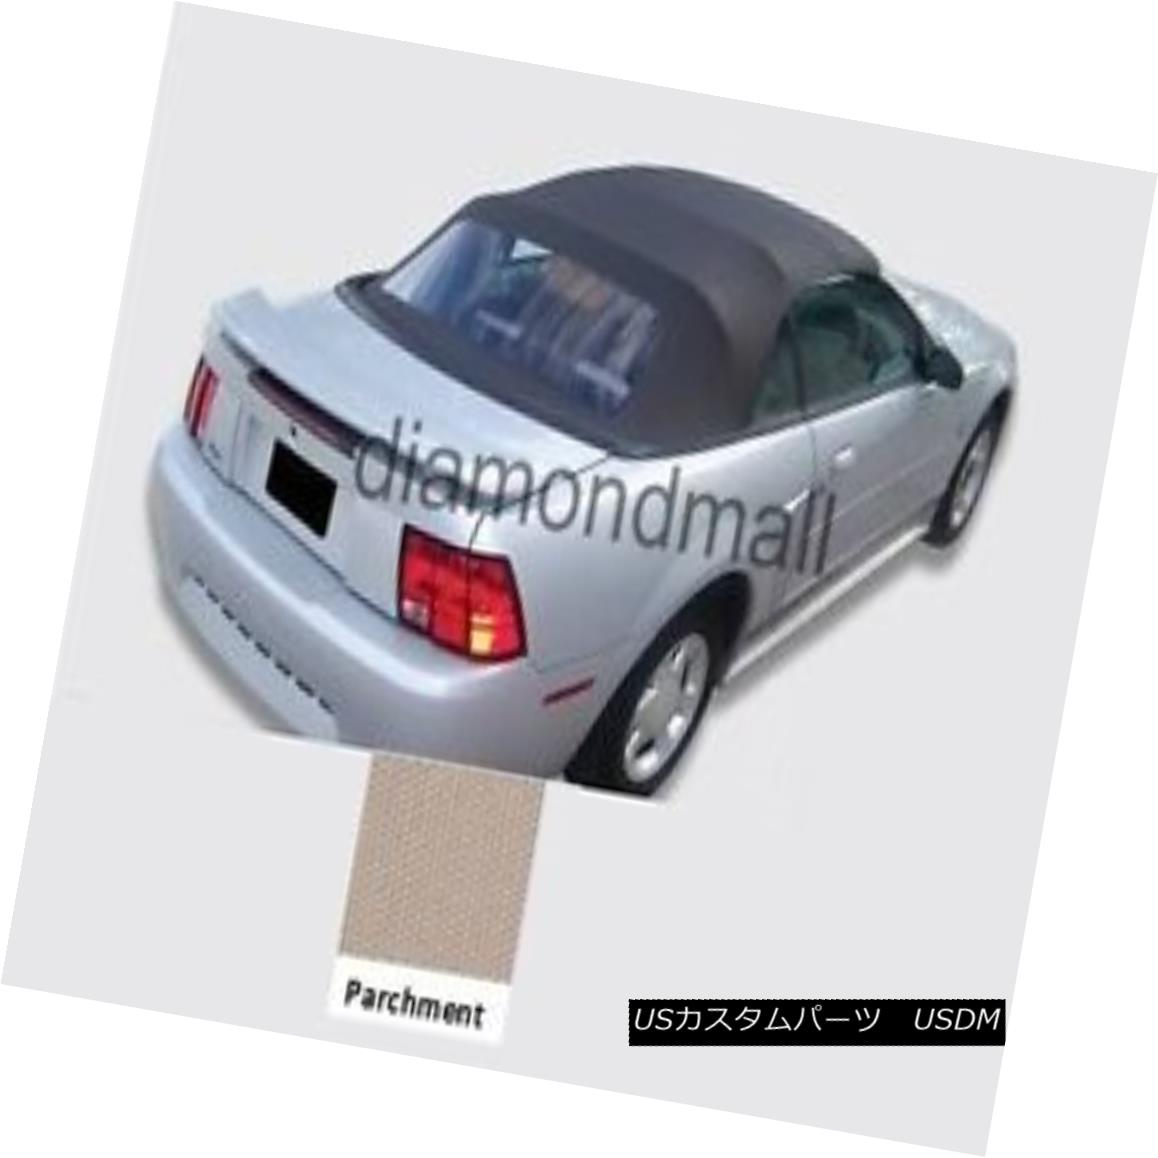 幌・ソフトトップ Ford mustang Convertible Soft top With Plastic window PARCHMENT Sailcloth 94-04 フォードmustangコンバーチブルソフトトッププラスチック窓付きPARCHMENT Sailcloth 94-04